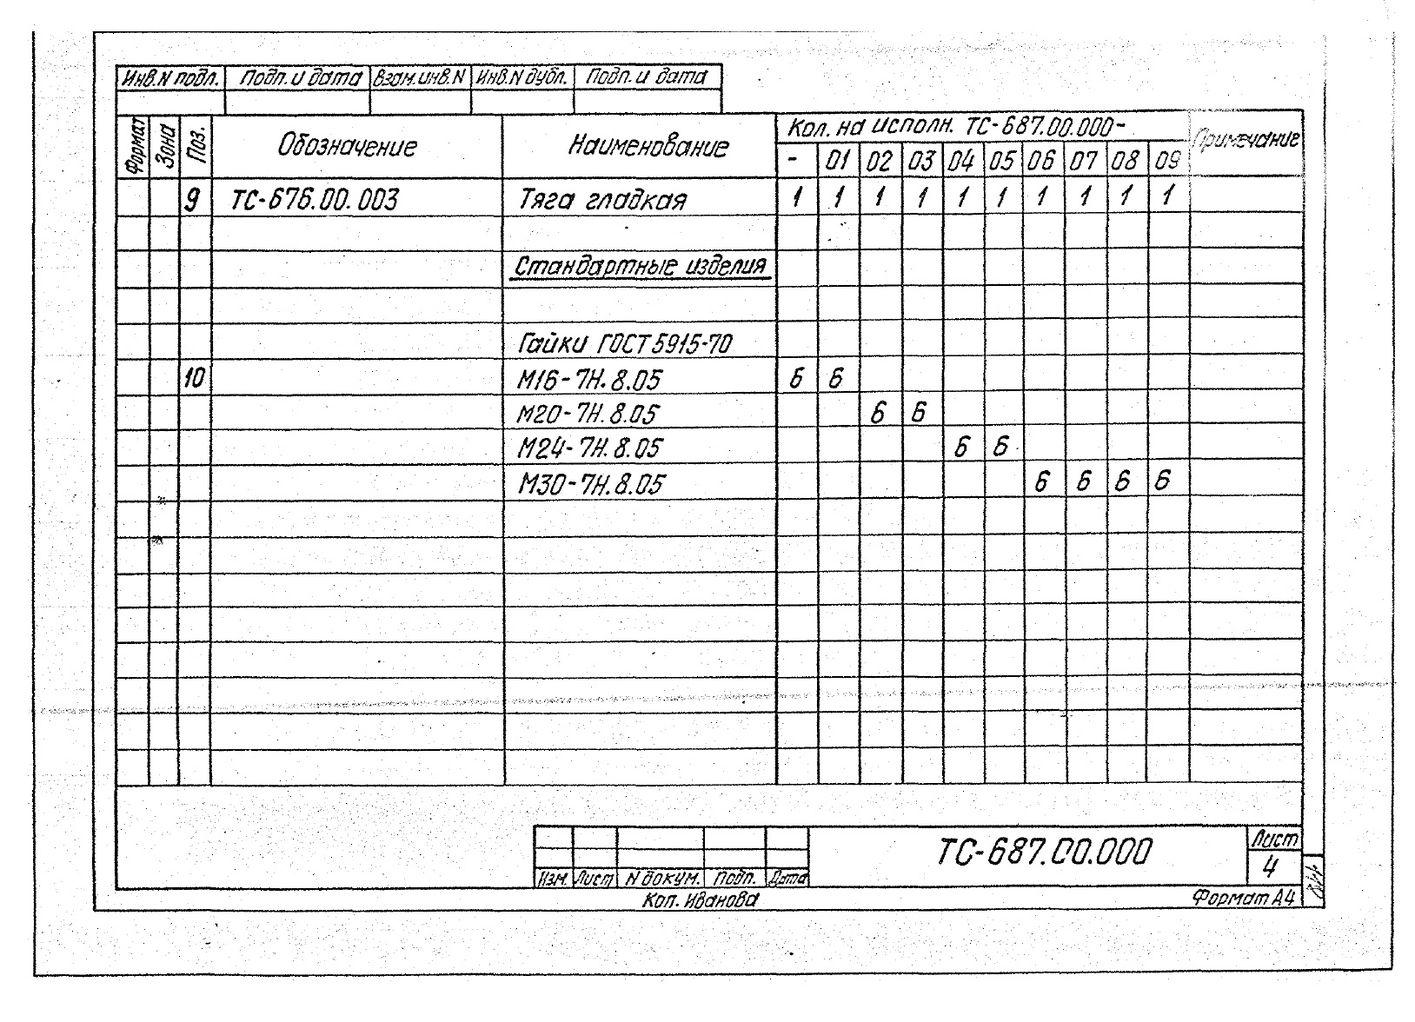 Подвески пружинные для горизонтальных трубопроводов Дн 159-426 мм ТС-687.00.000 СБ серия 5.903-13 выпуск 6-95 стр.7